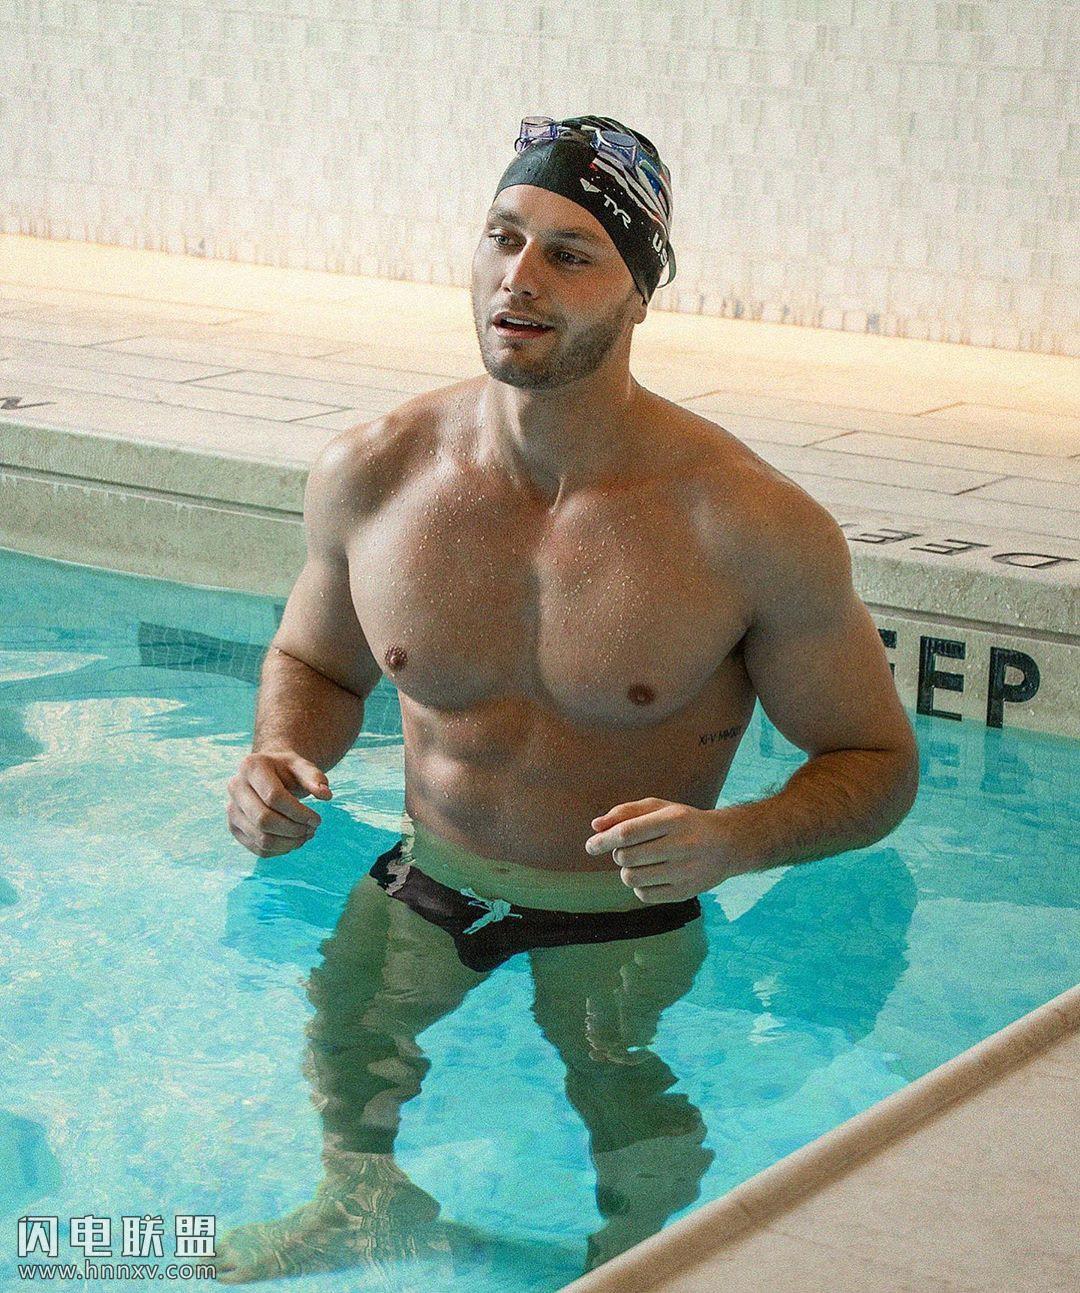 欧美肌肉男泳池三角泳裤激凸丁丁图片